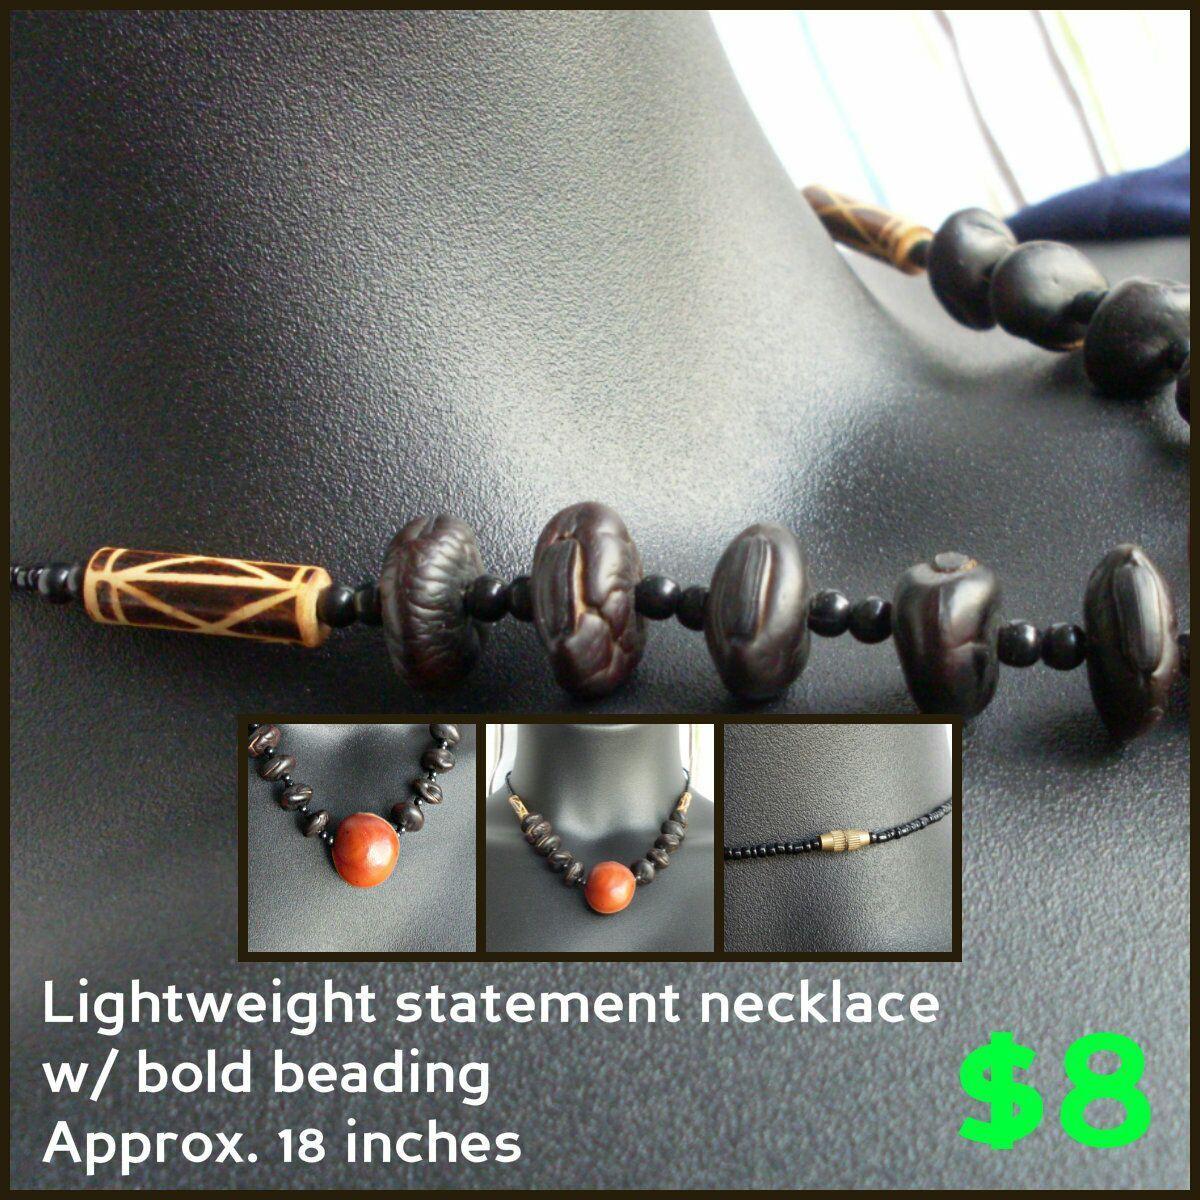 Lightweight, bold statement necklace